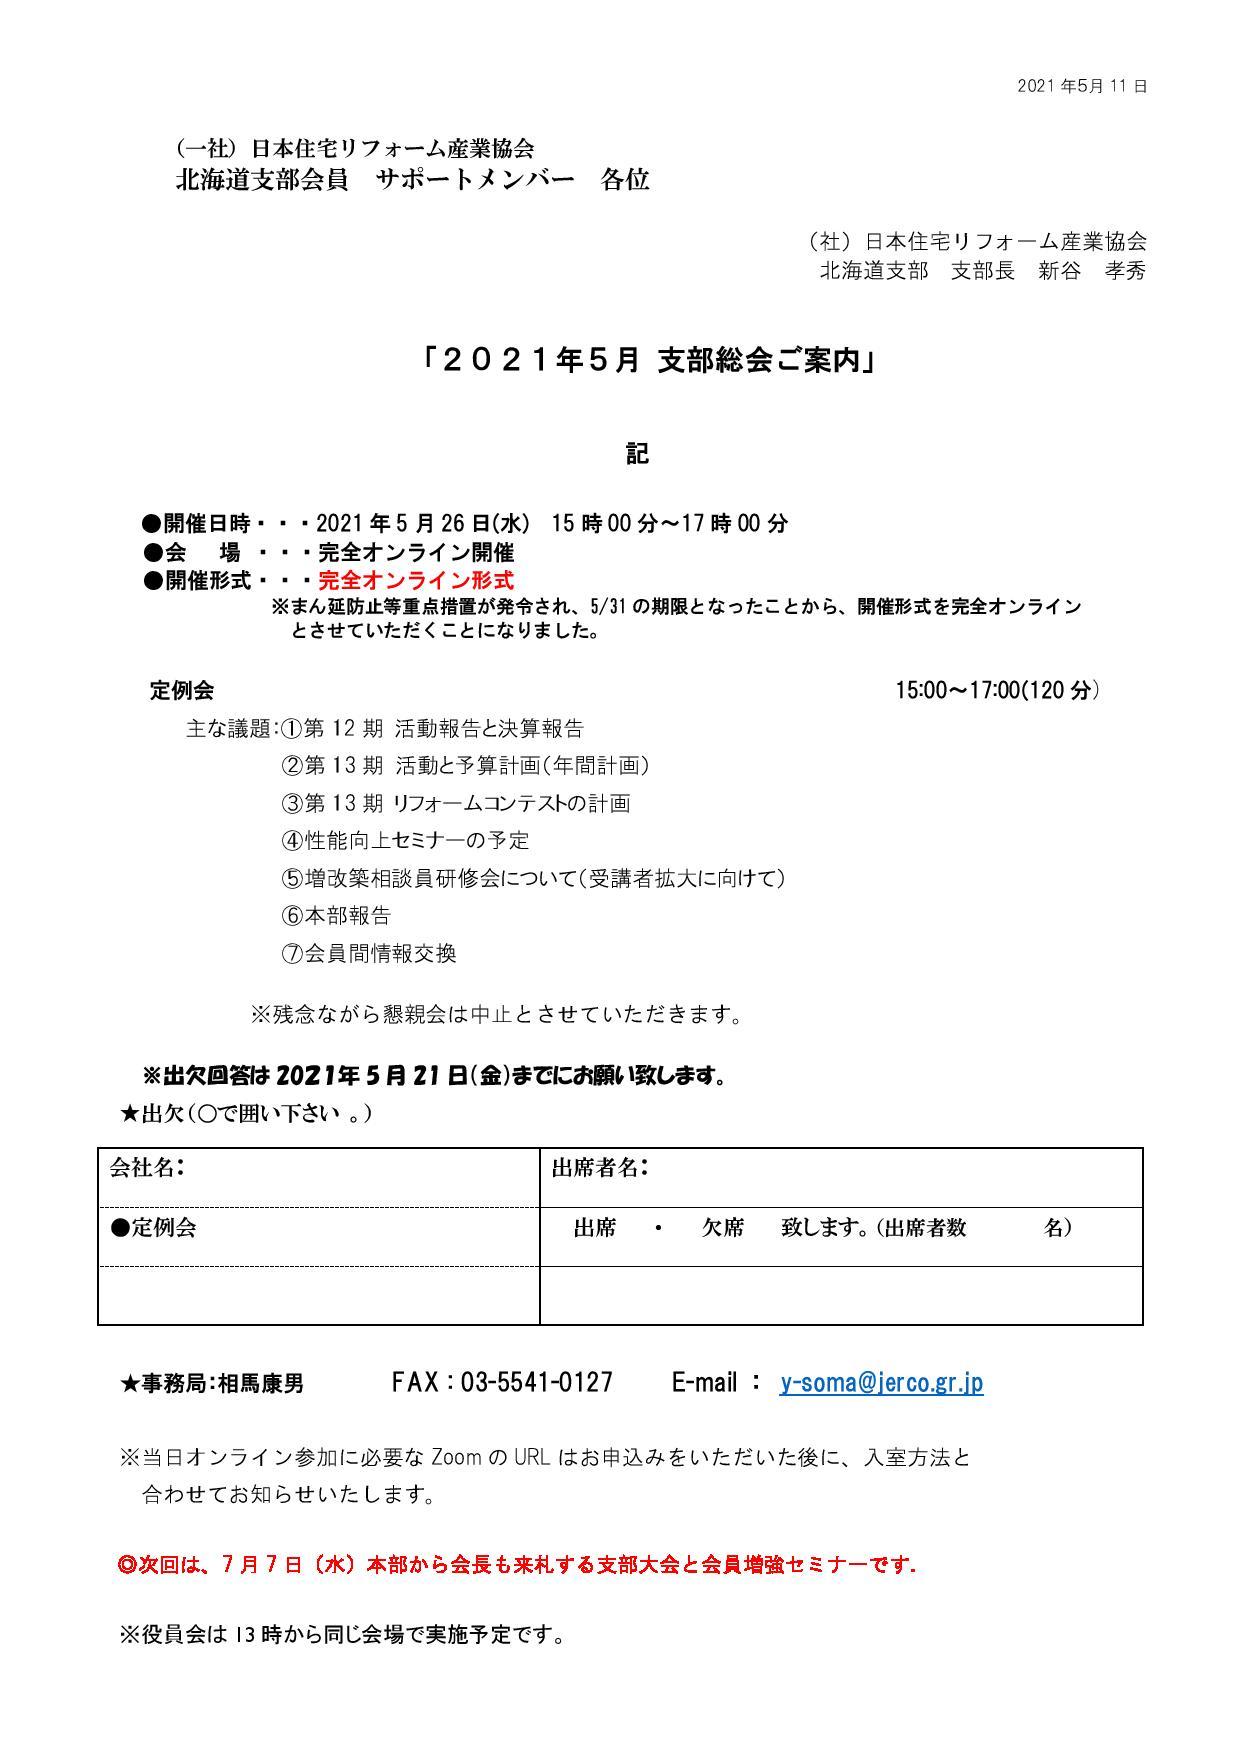 ジェルコ北海道支部総会 完全オンライン開催のお知らせ